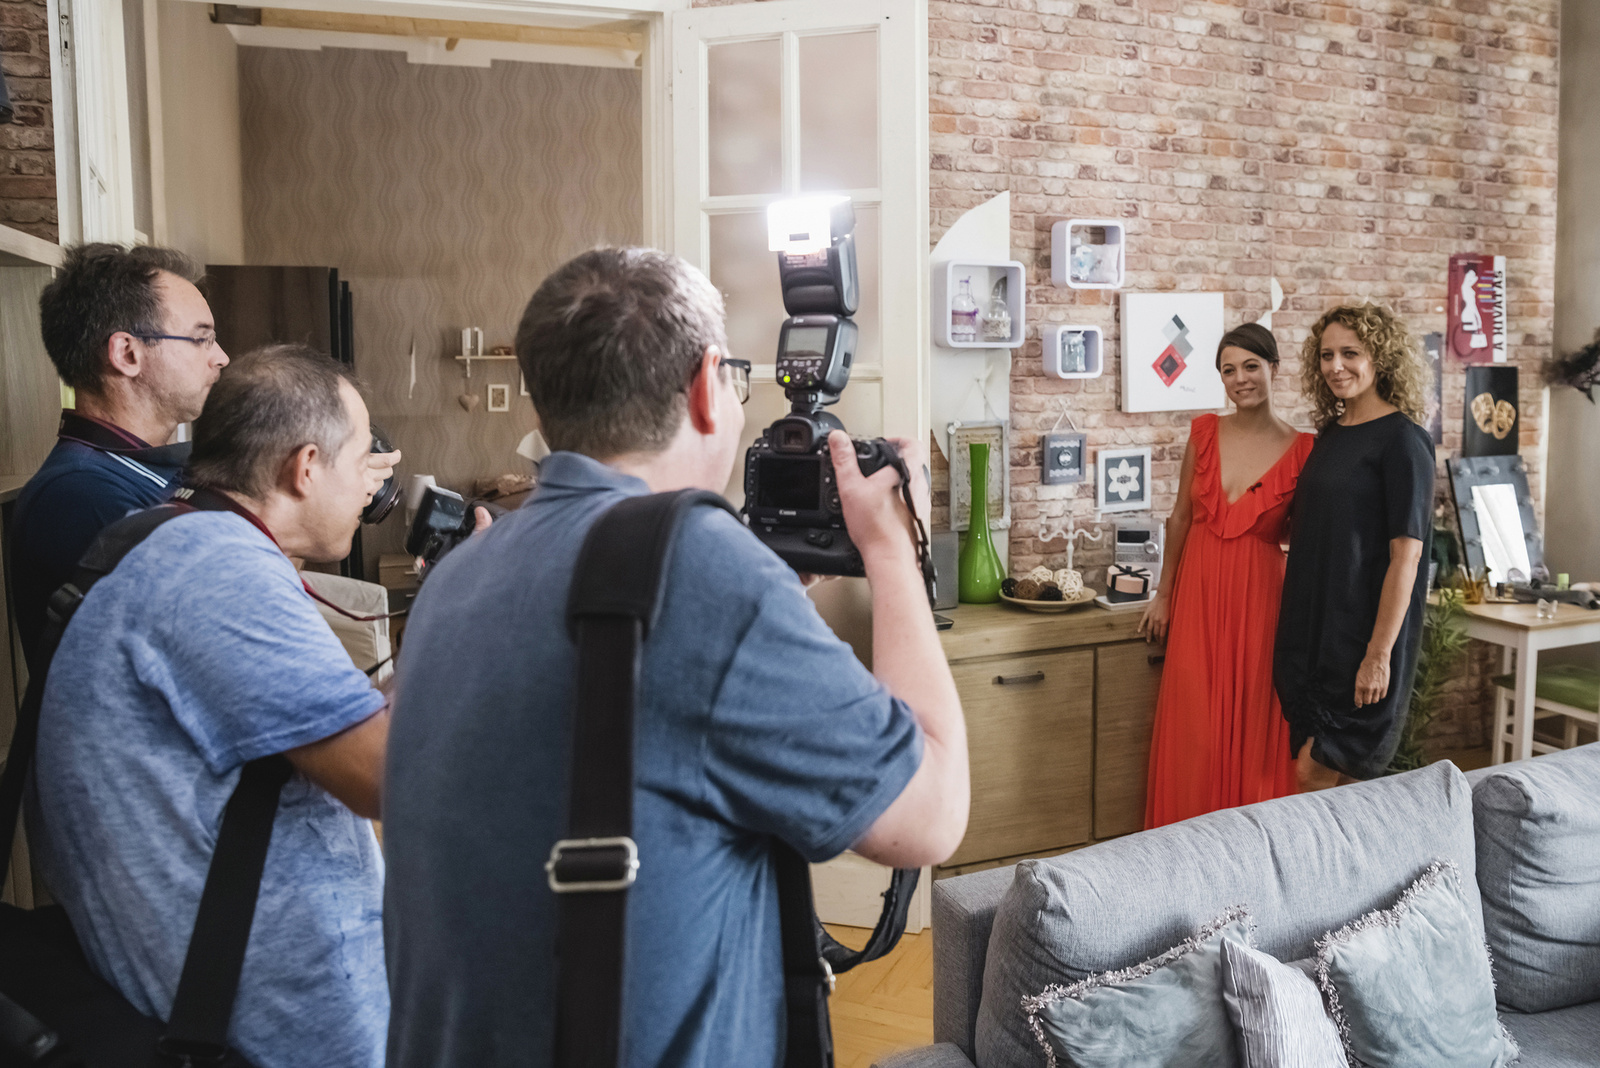 fotó: Labancz Viktória / RTL Magyarország